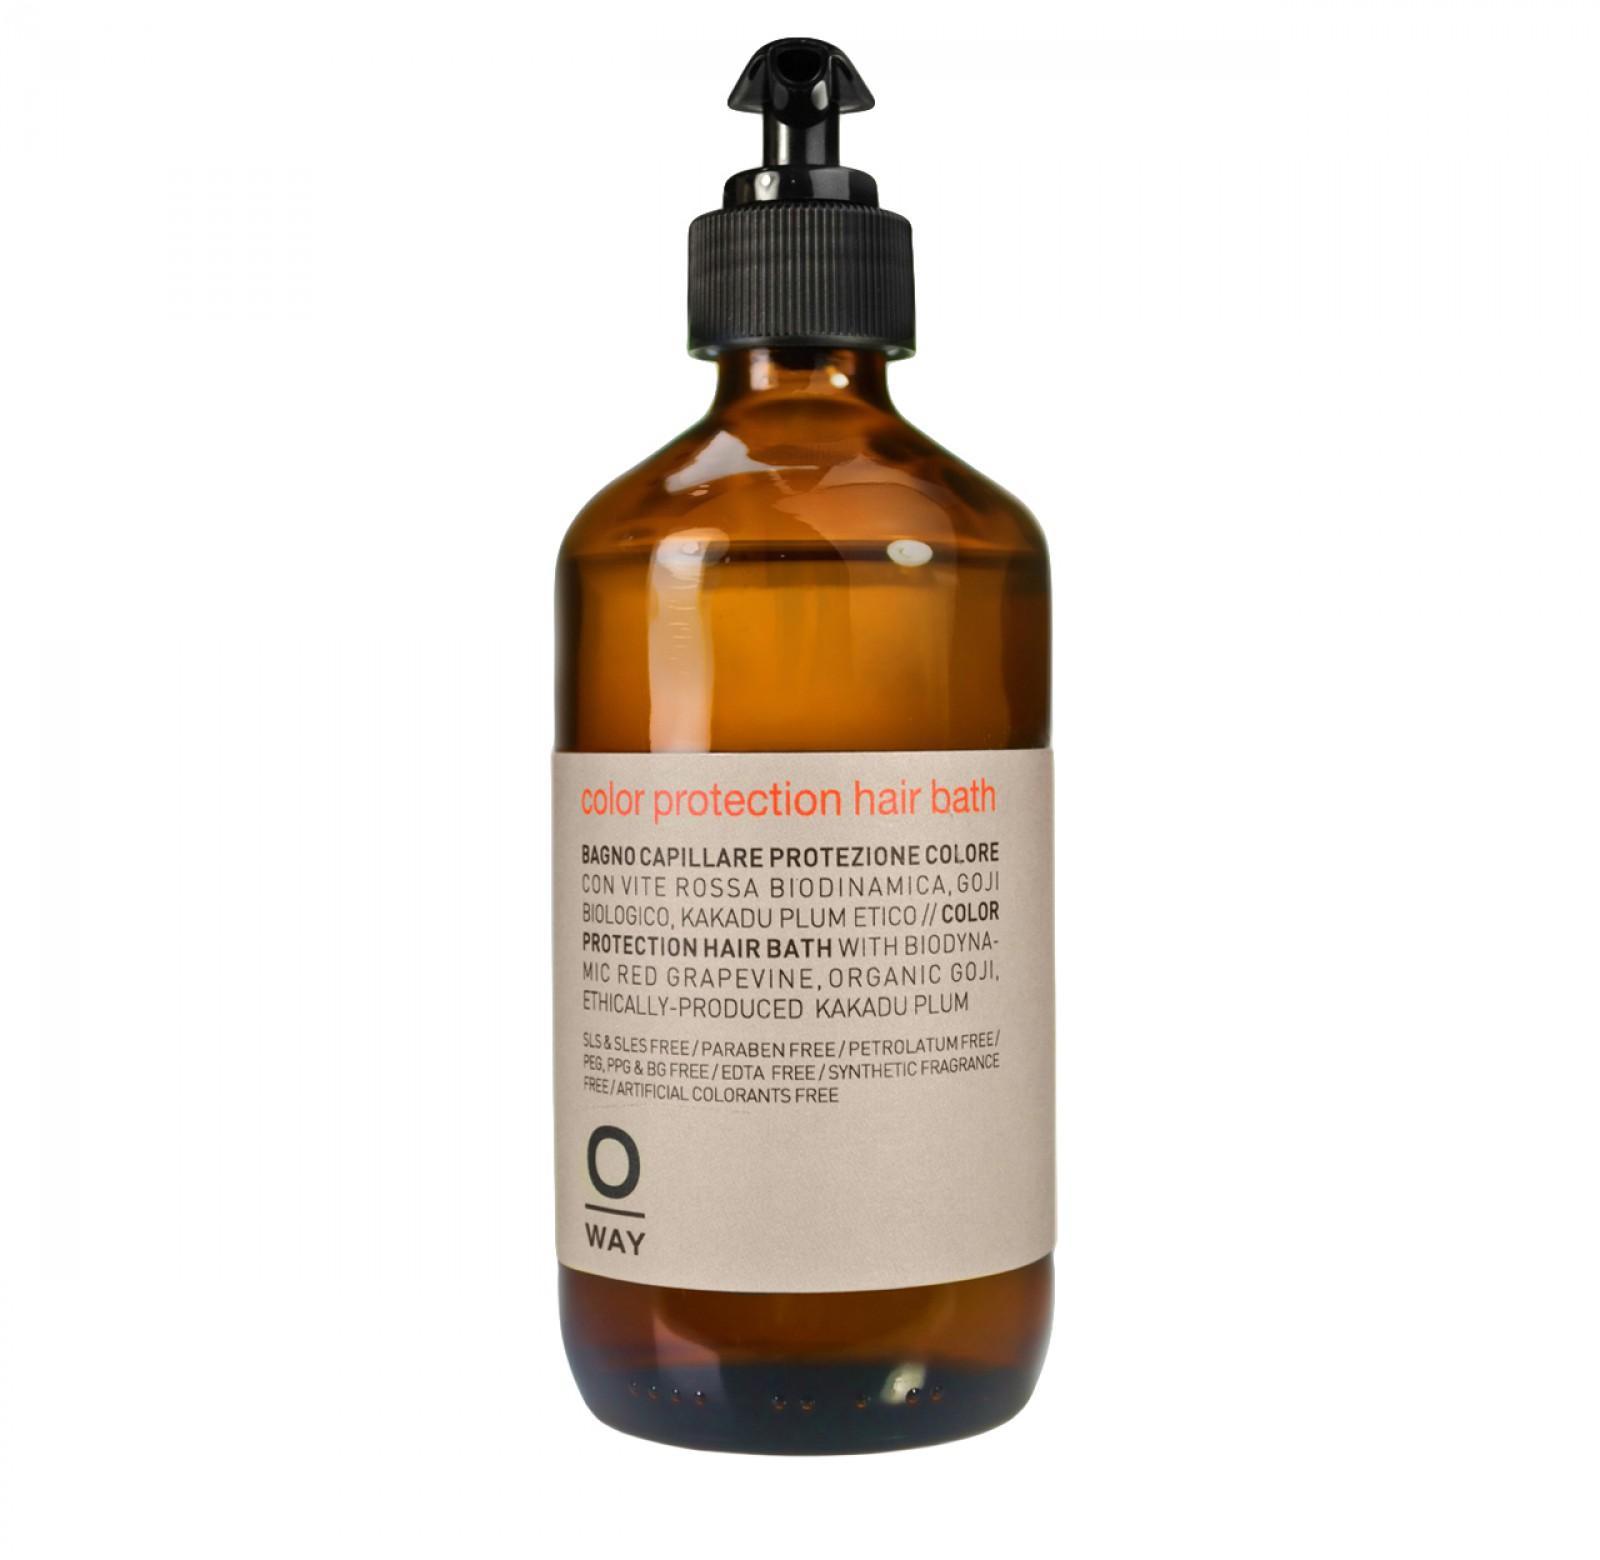 Oway Color protection hair bath